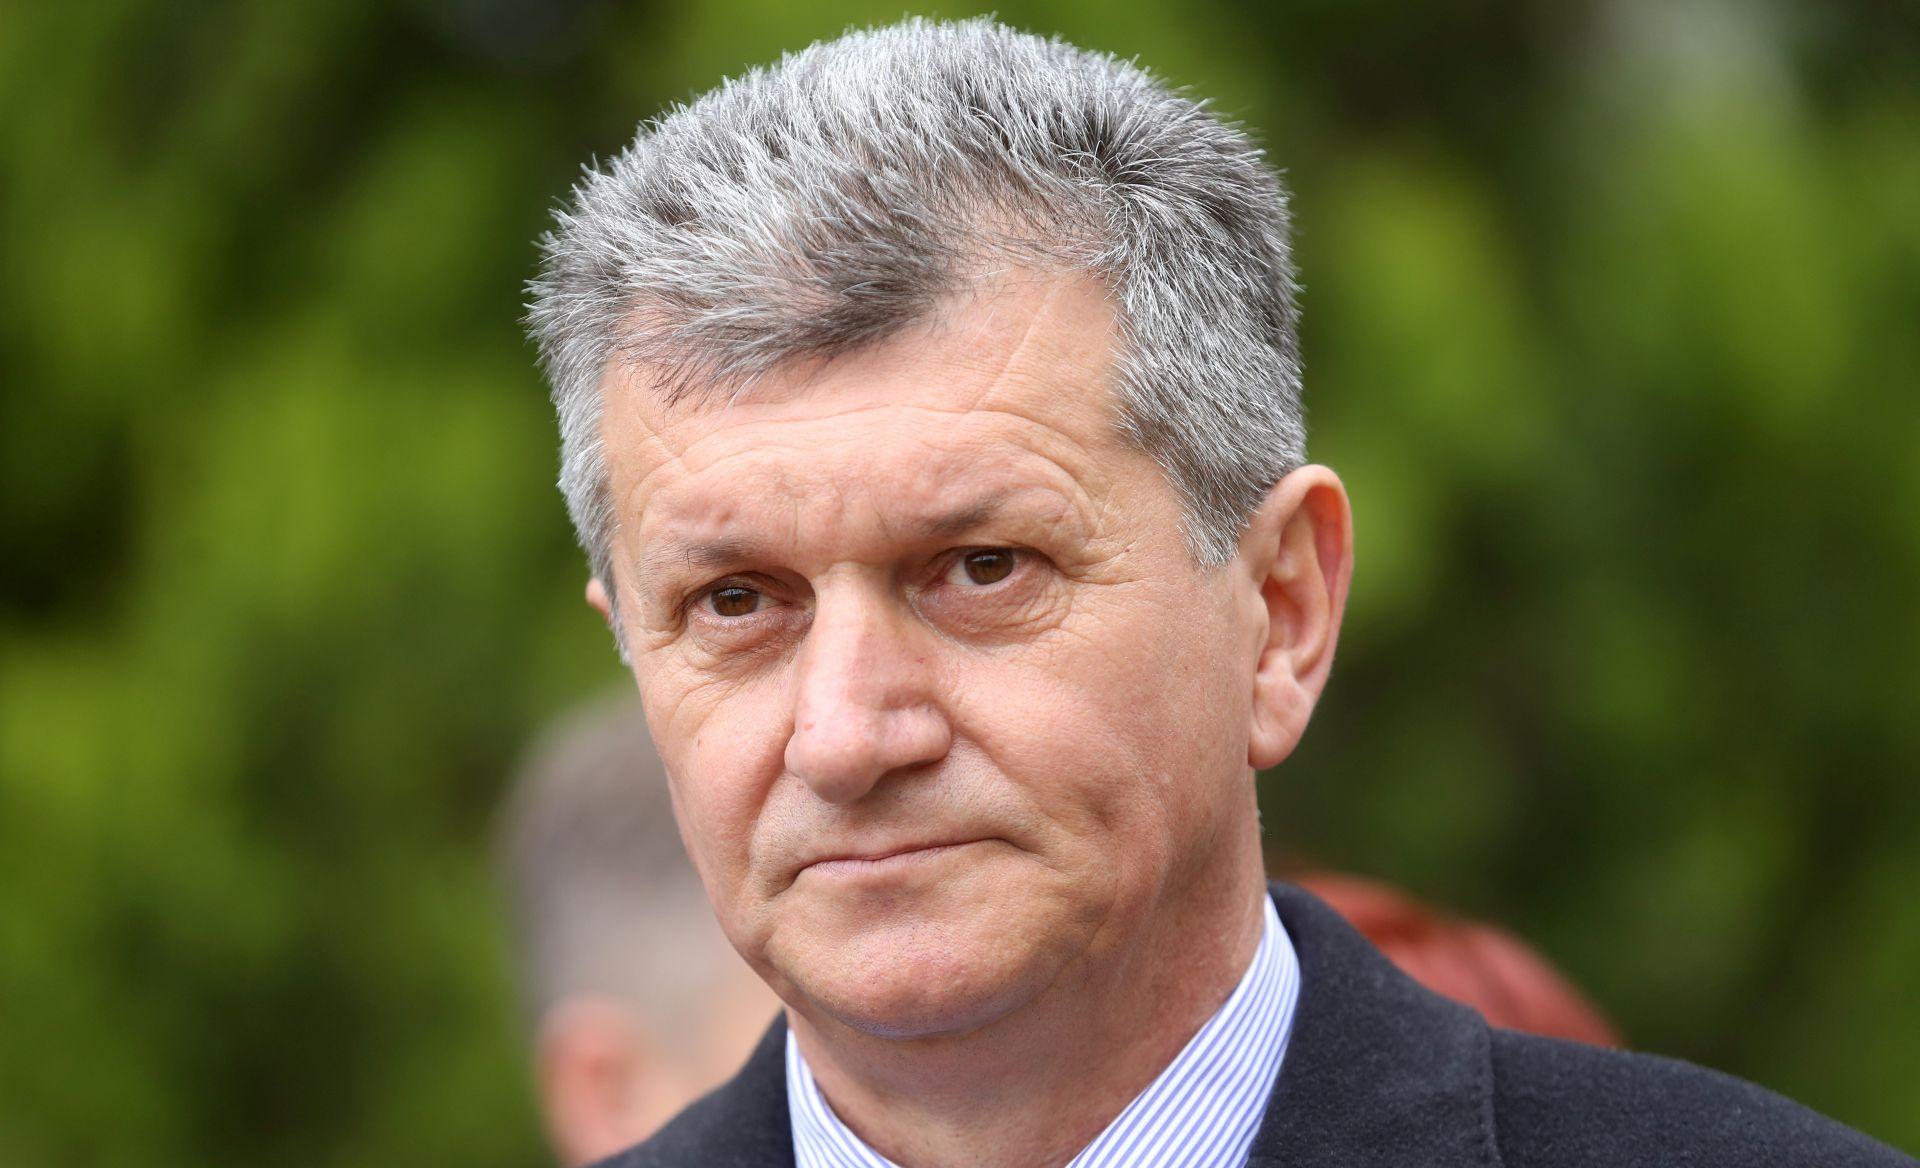 IZBORI 2015. Kujundžić: Ni HDZ ni SDP nisu spremni poraditi na upravljanju javnim poduzećima